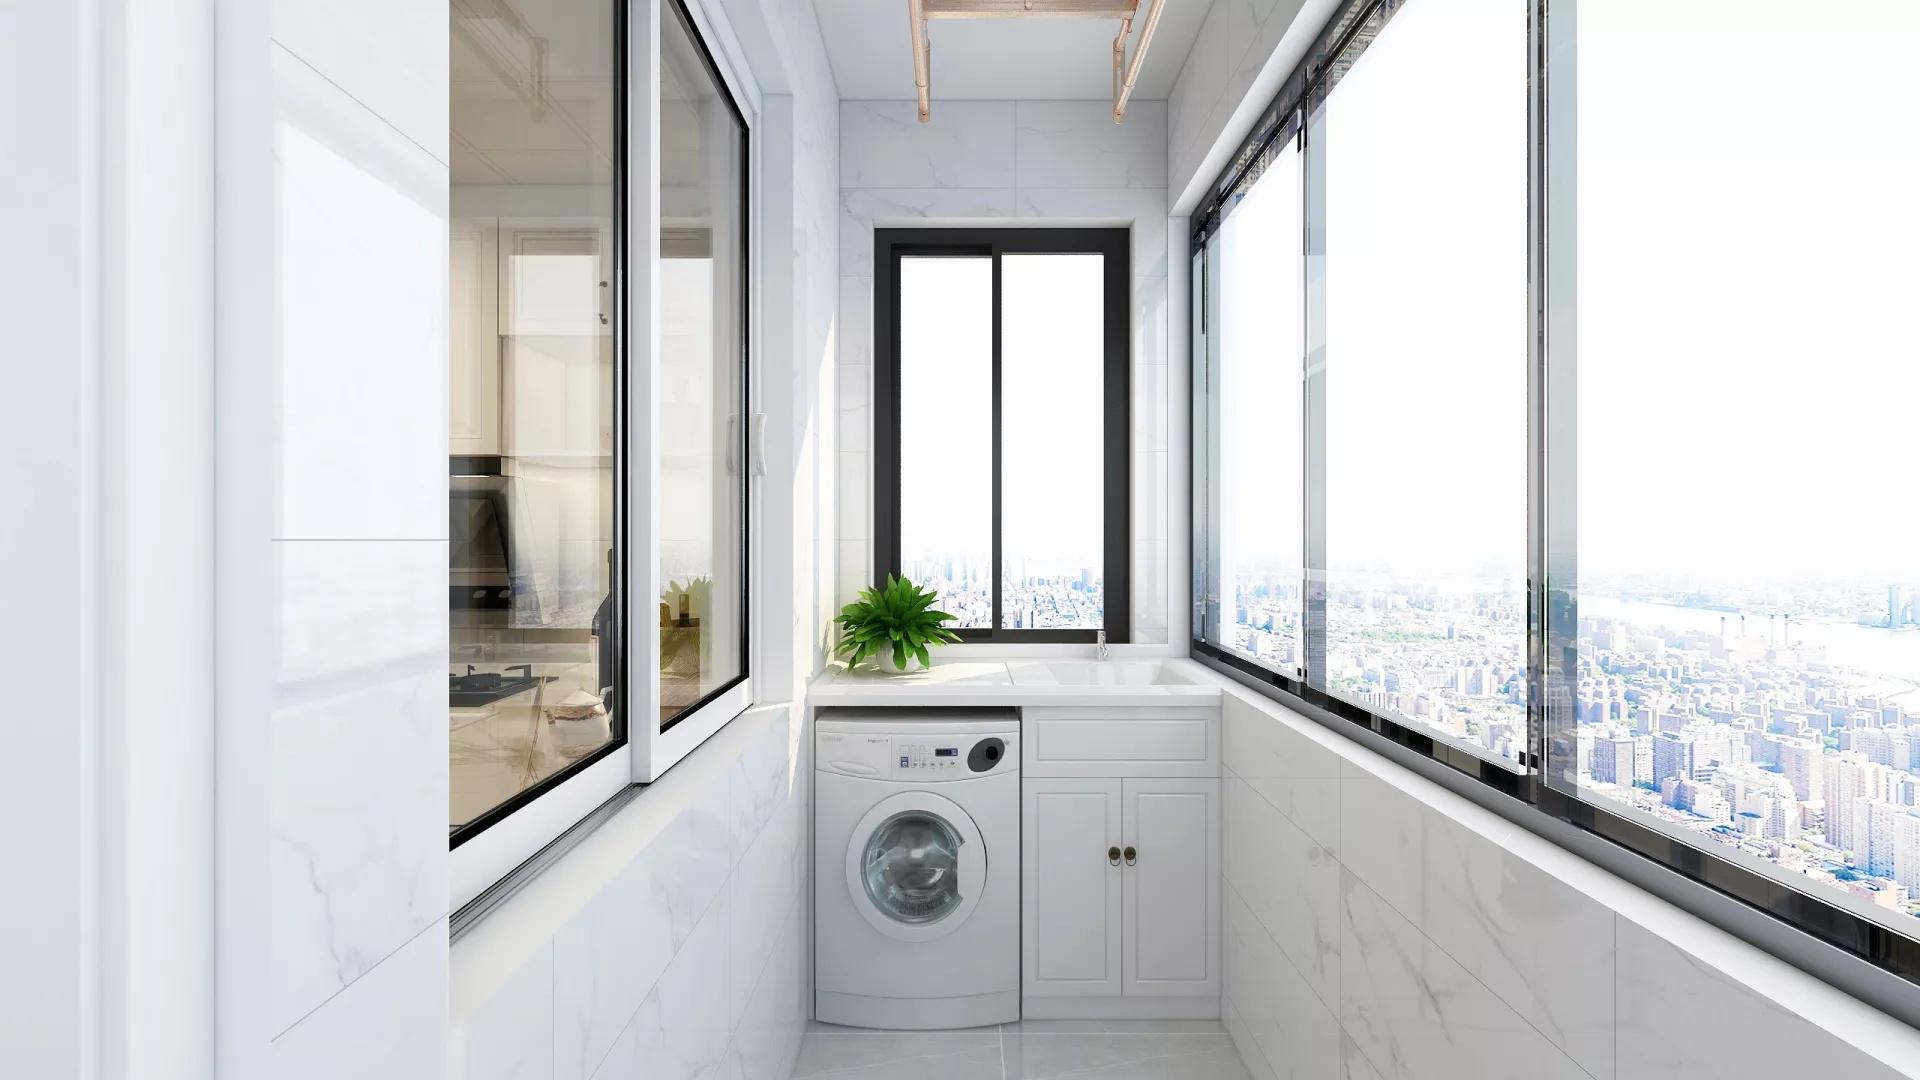 开放式厨房怎么清洁保养 开放式厨房清洁保养方法